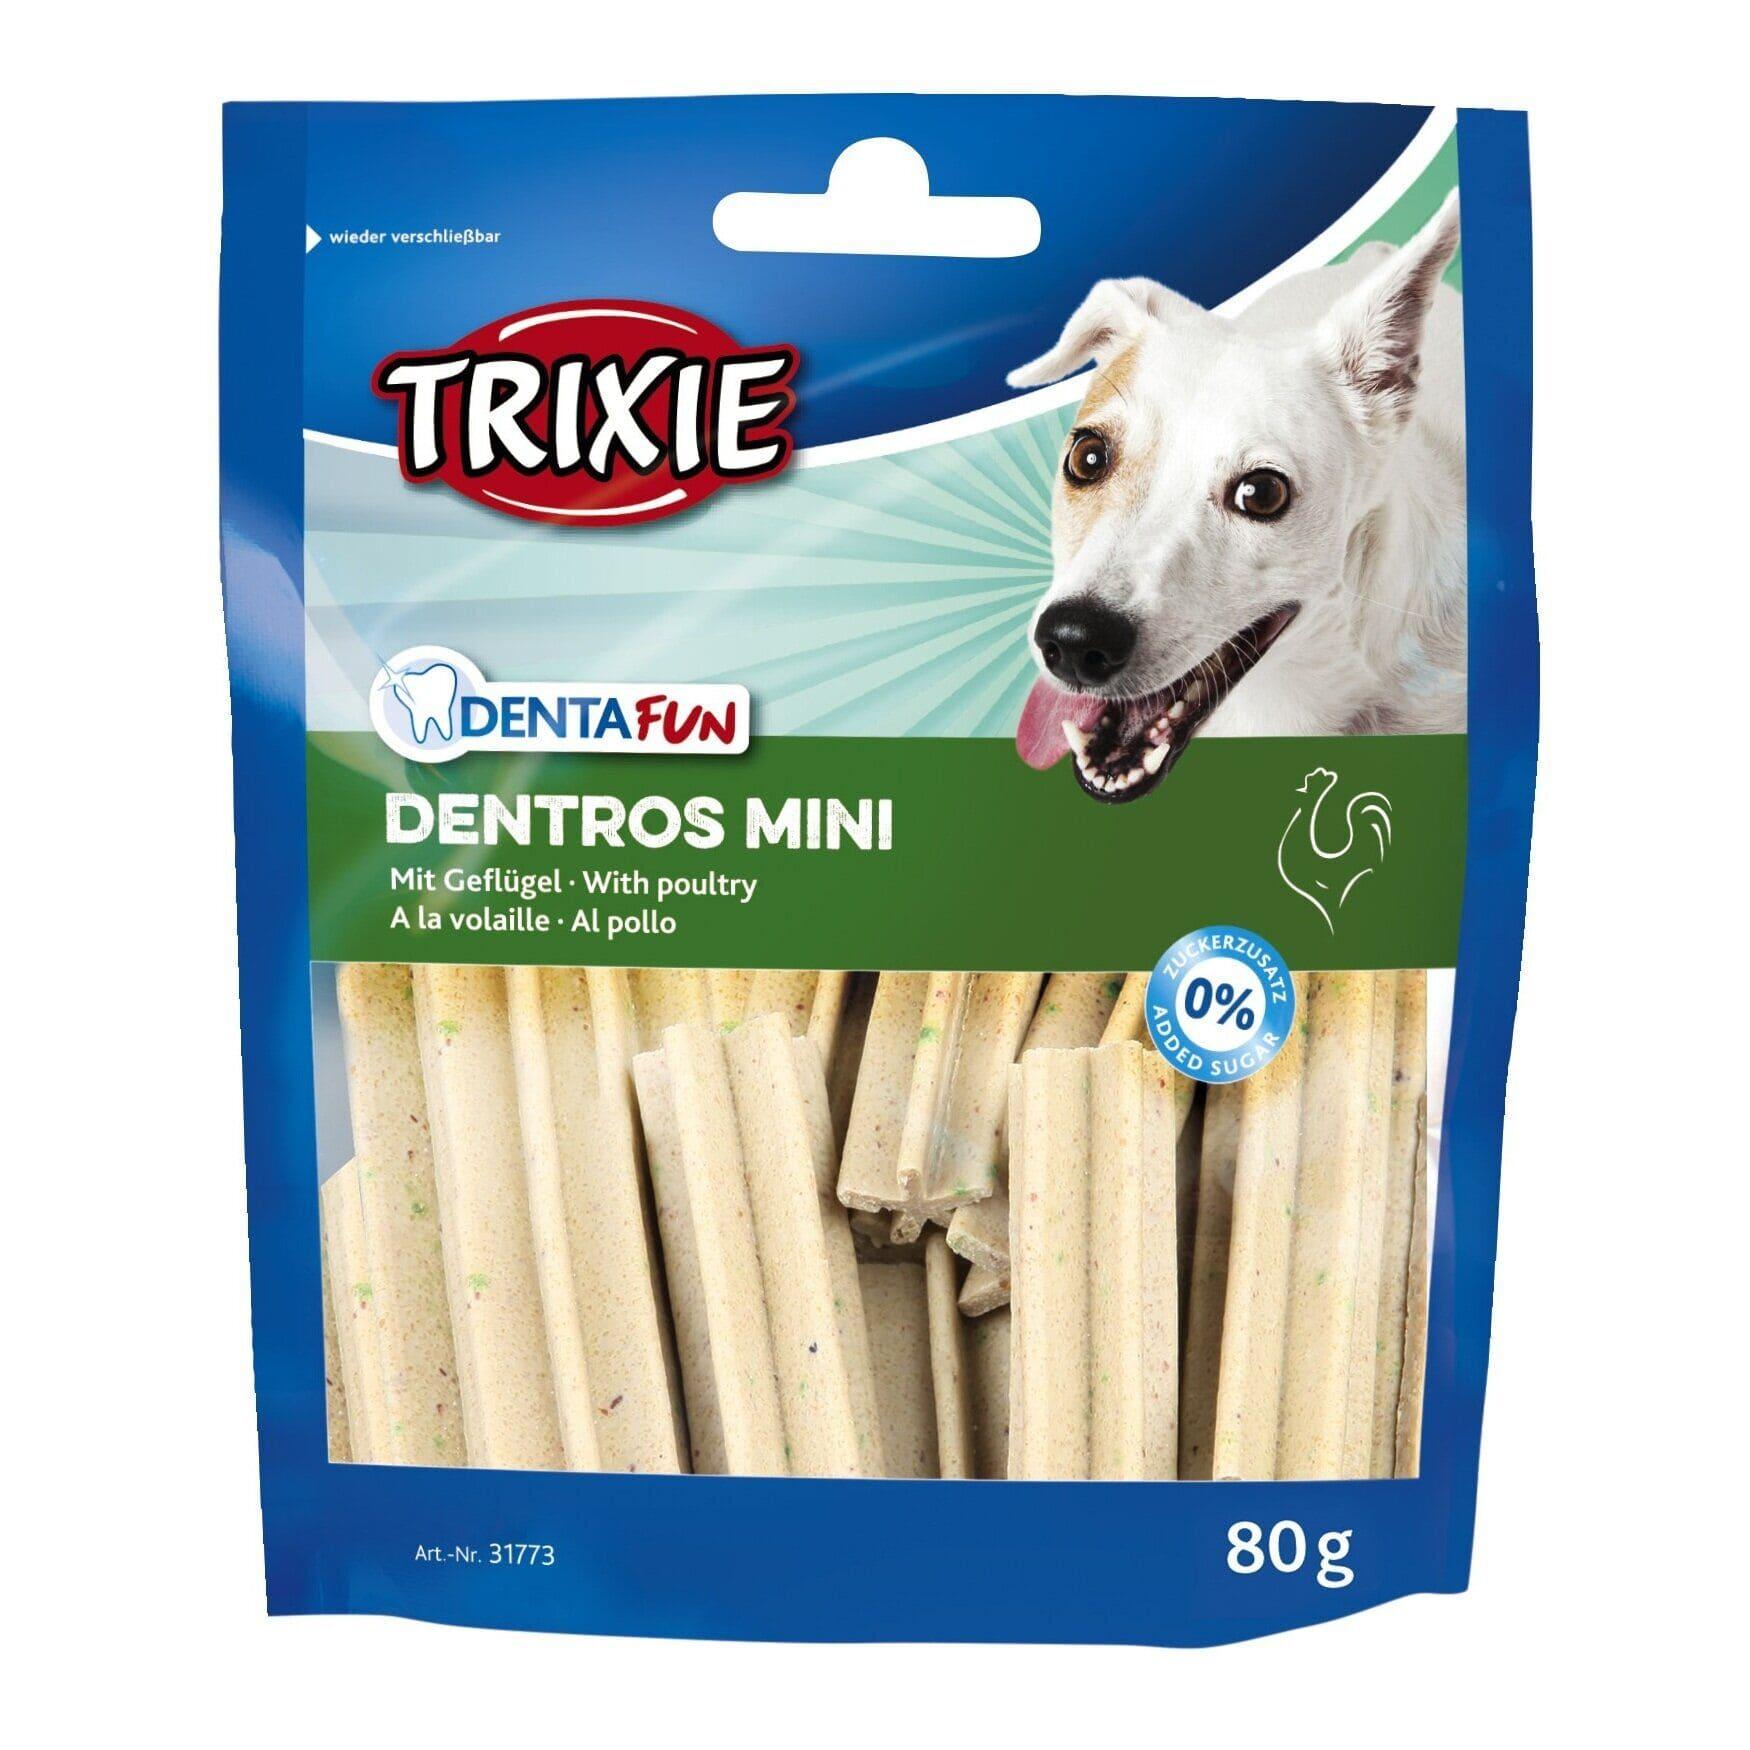 Trixie Dentros Mini ласощі для собак з м'ясом птиці для очищення зубів від нальоту